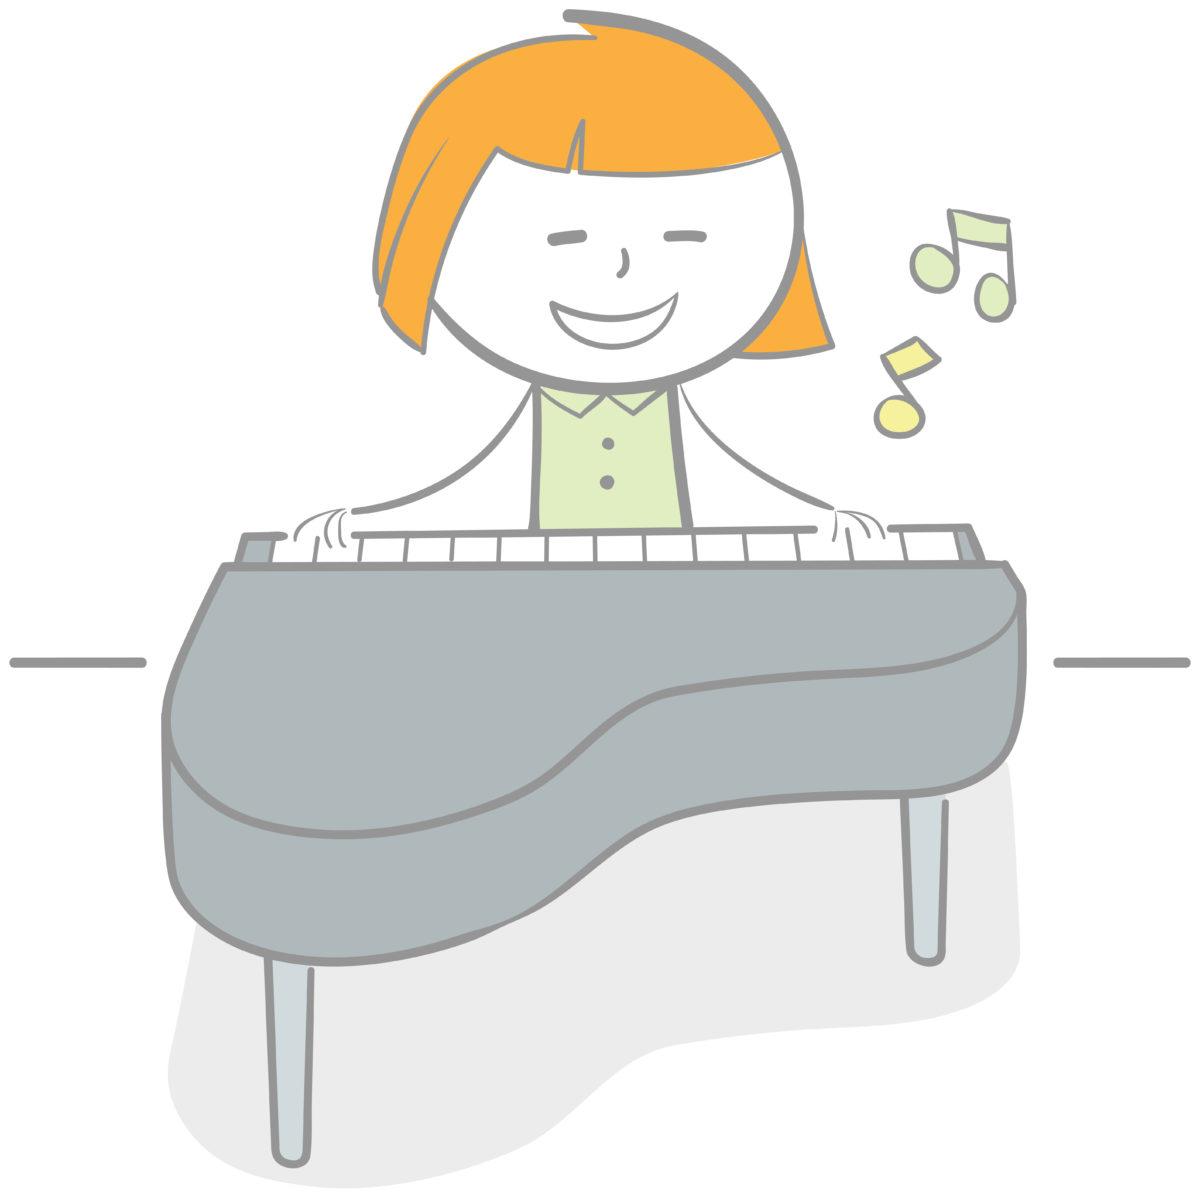 発達障がいの子どもには、どんな習いごとがおすすめ?